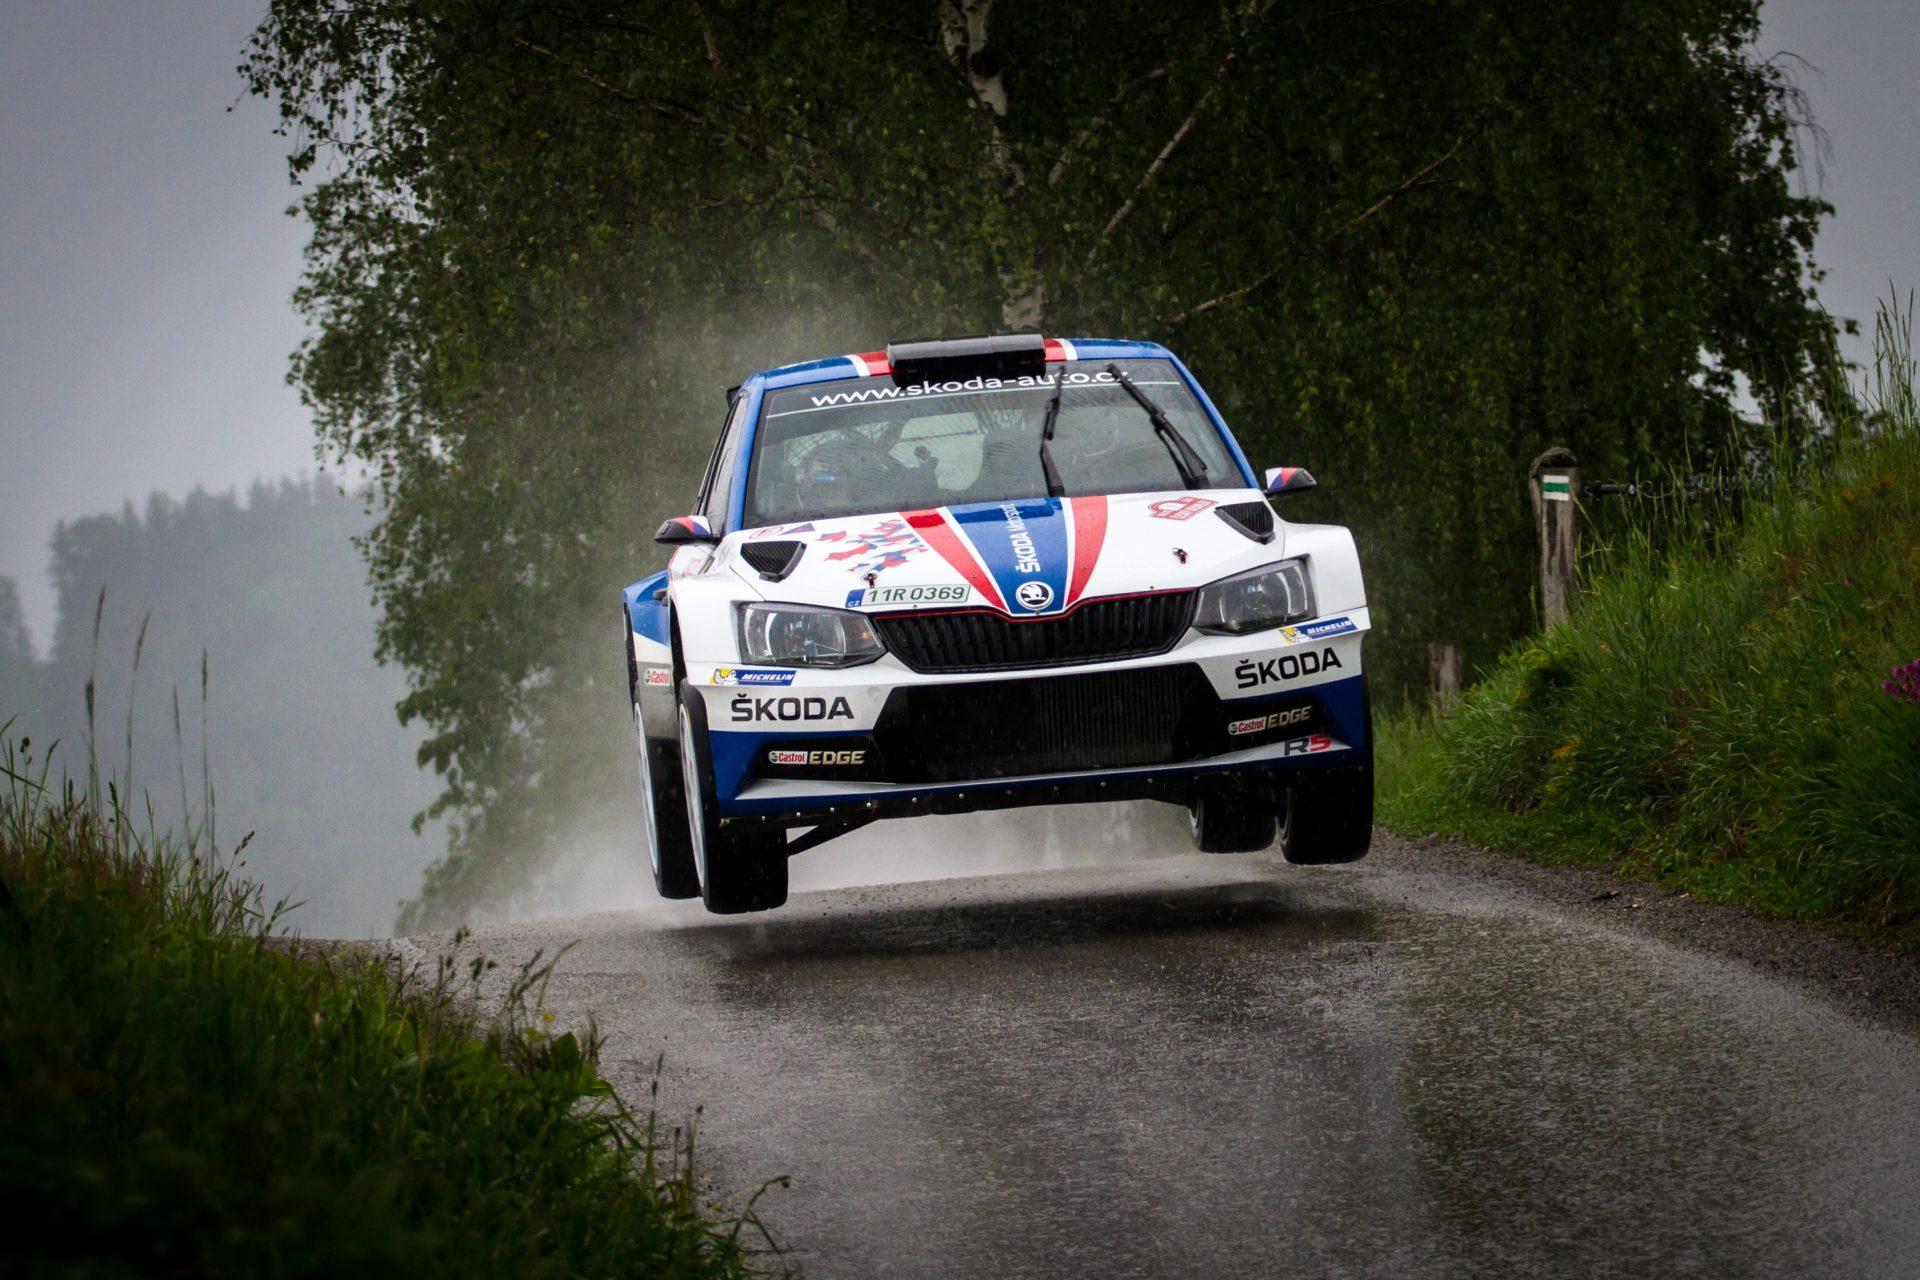 Rallye Český Krumlov: Latest Results